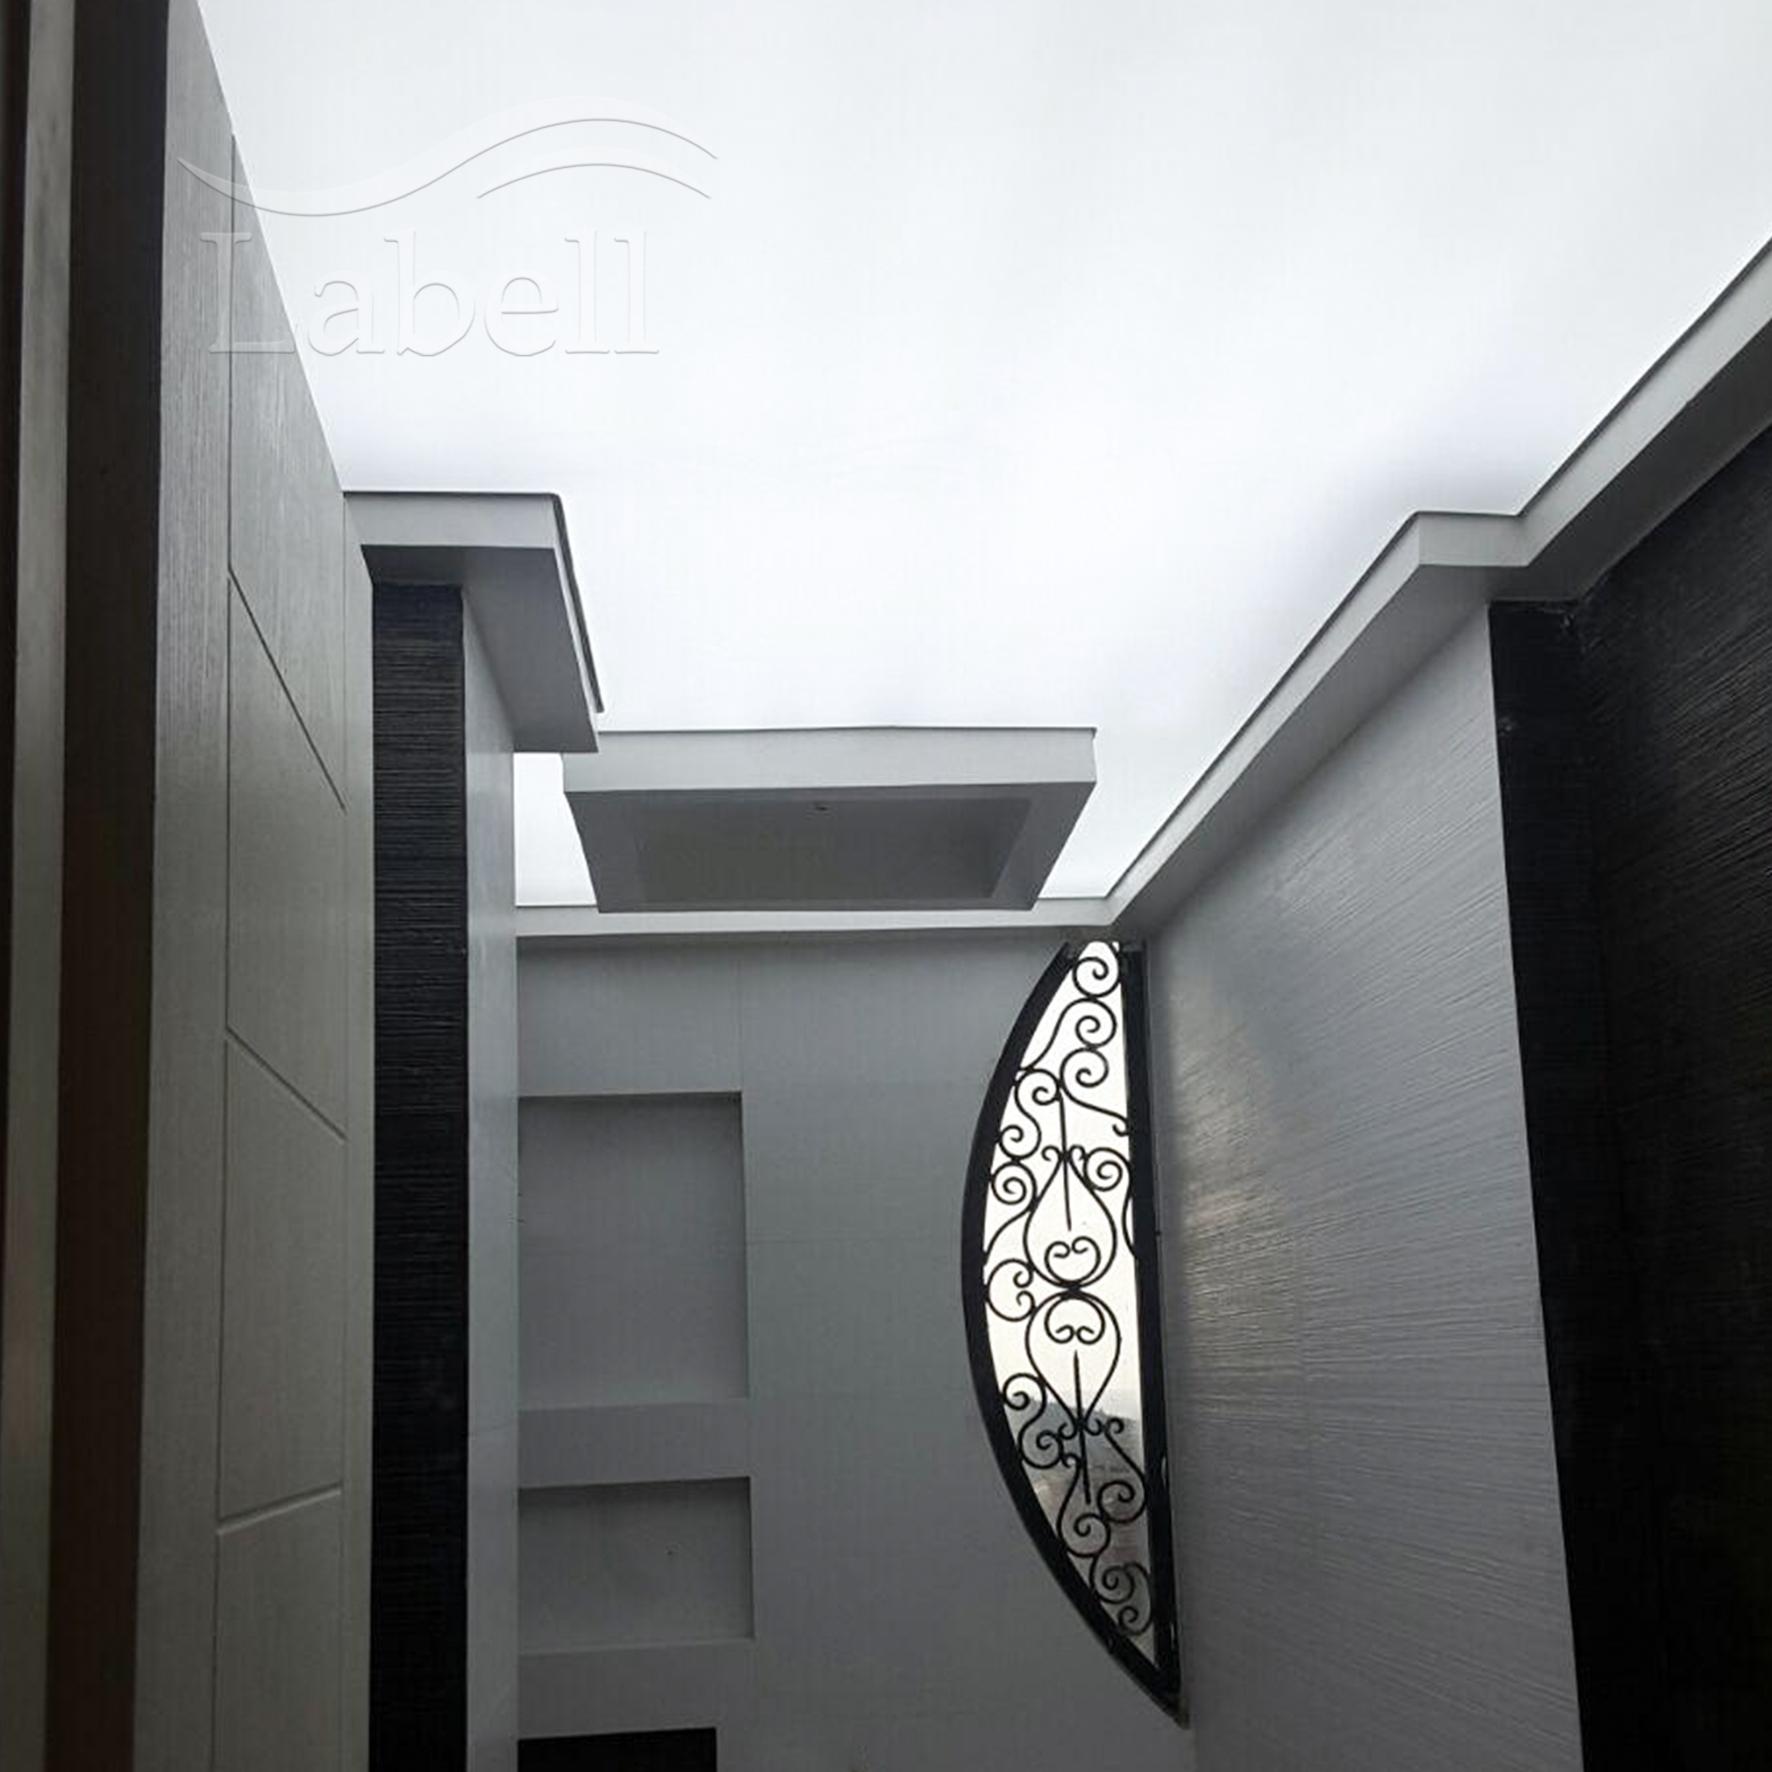 نورپردازی راهرو با استفاده از سقف کشسان ترنسپرنت